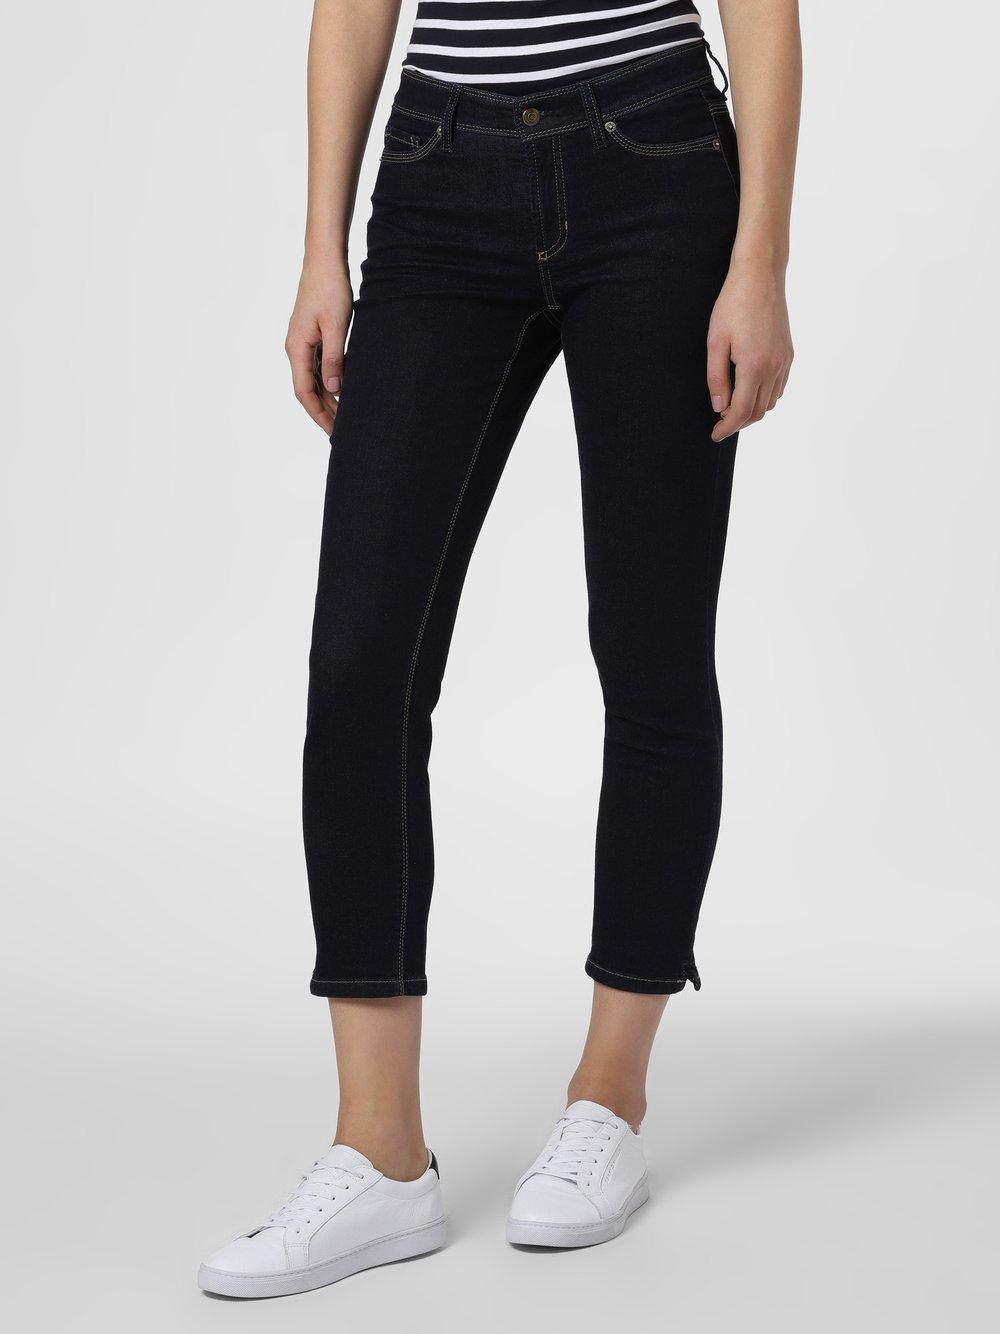 Cambio - Spodnie damskie – Piper slim, niebieski